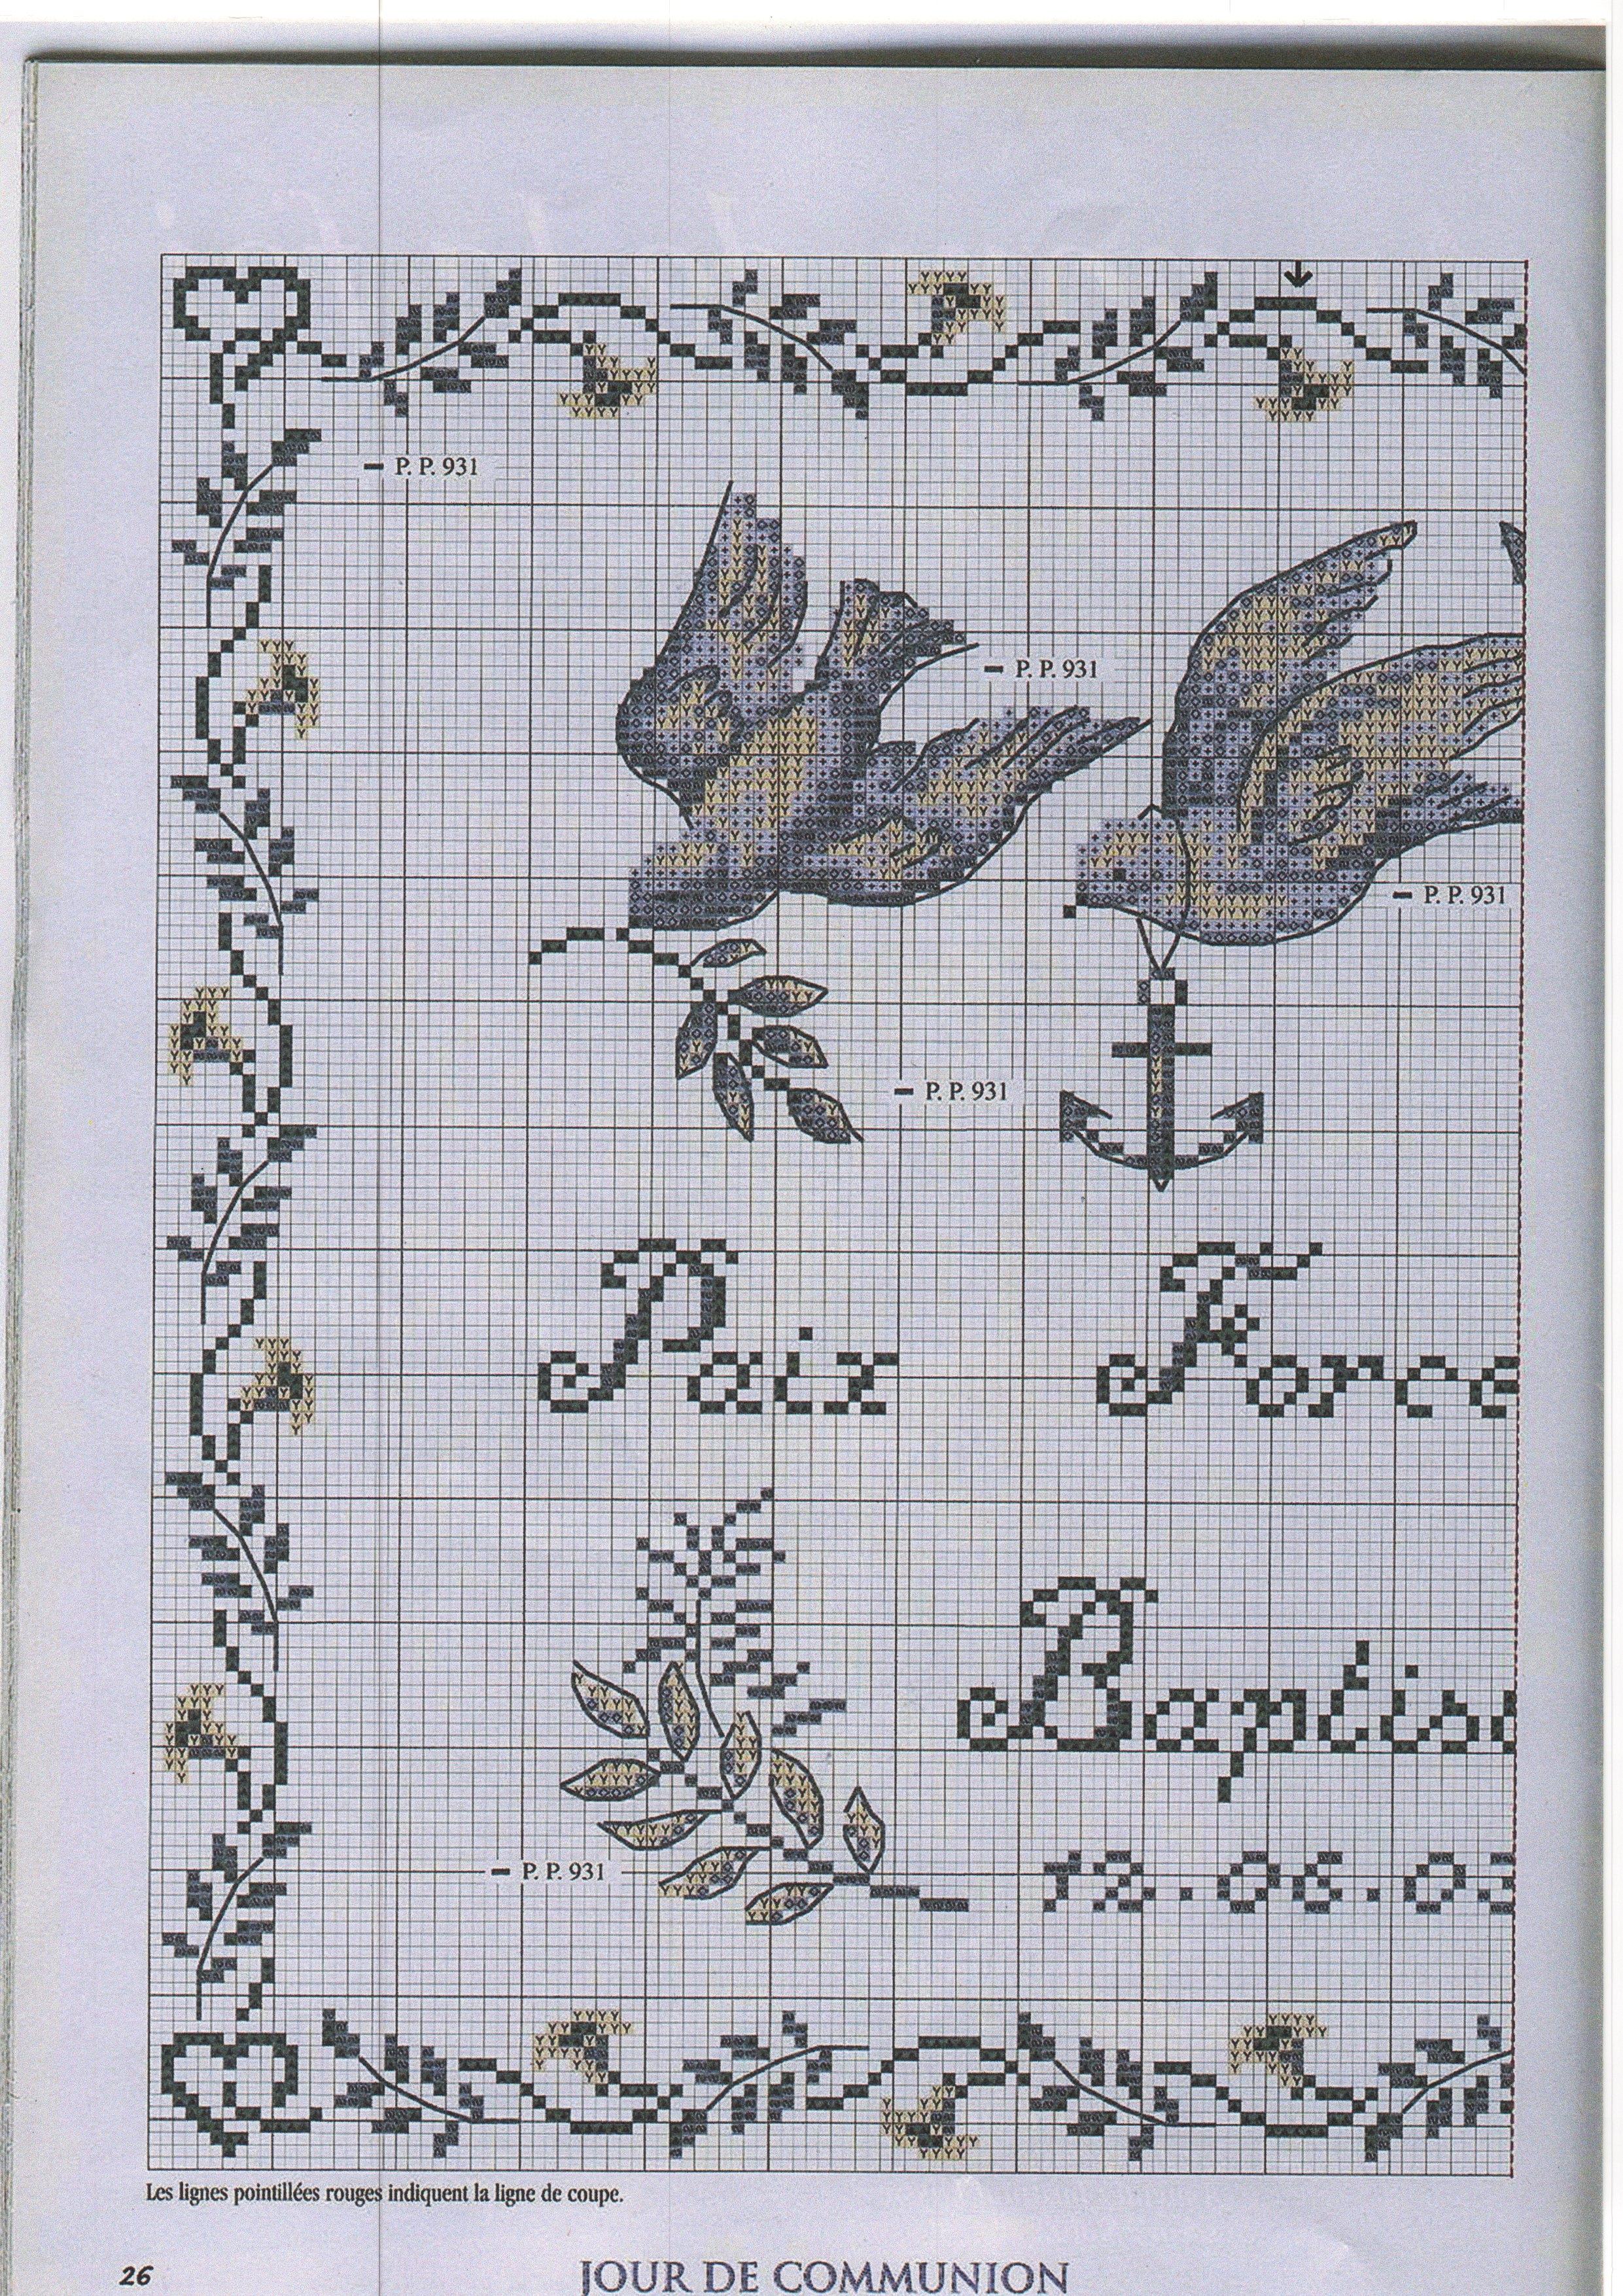 Tableau de naissance bapteme communion mariage les - Tableau de naissance point de croix gratuit ...